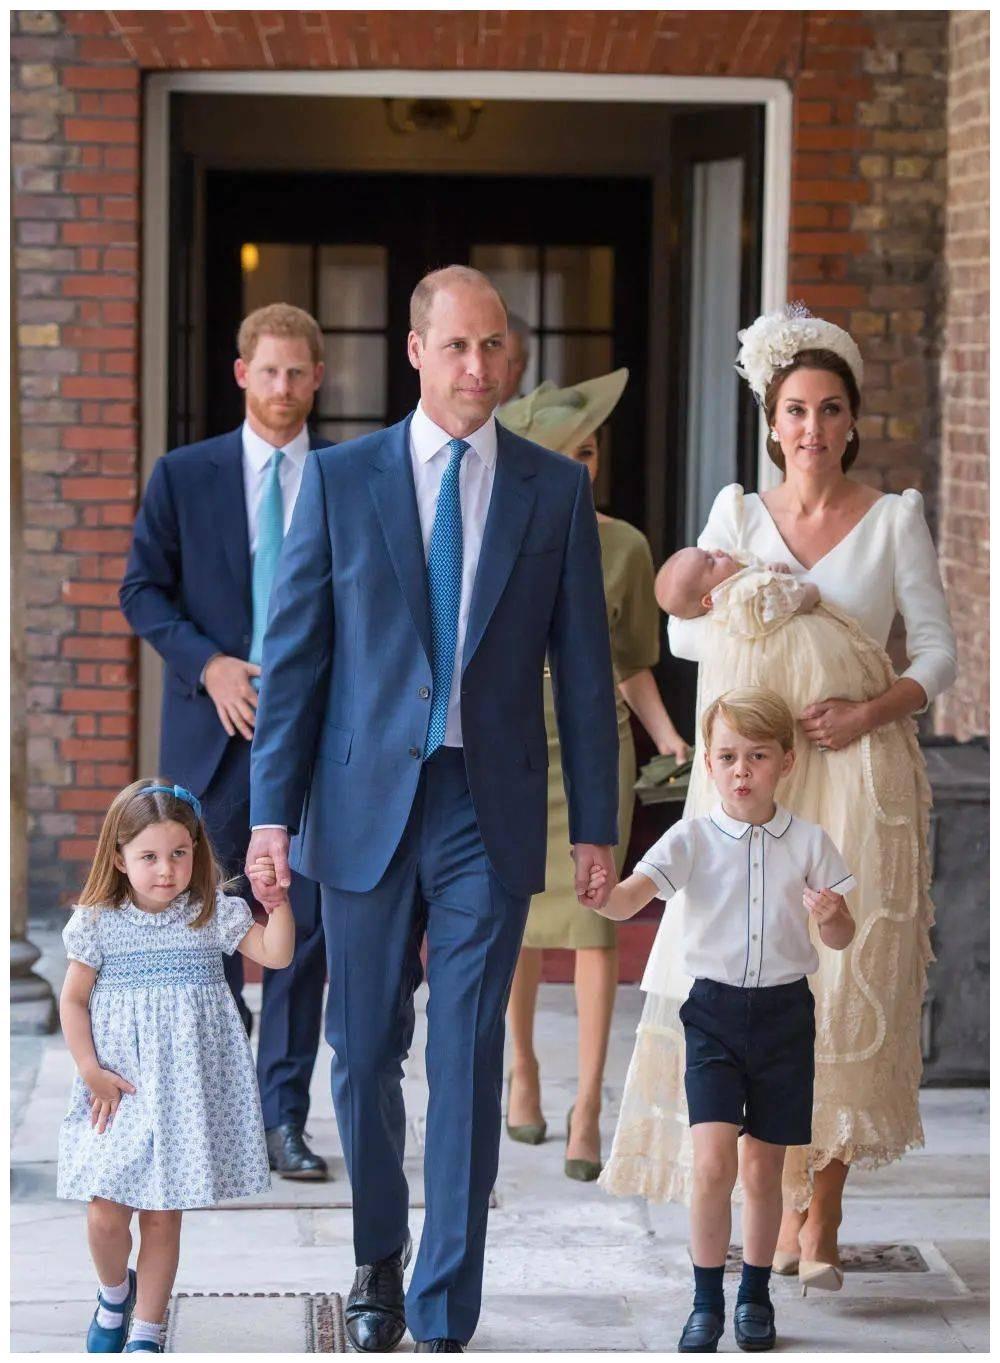 乔治王子和夏洛特公主马上开学了,路易王子落单,只能跟凯特玩